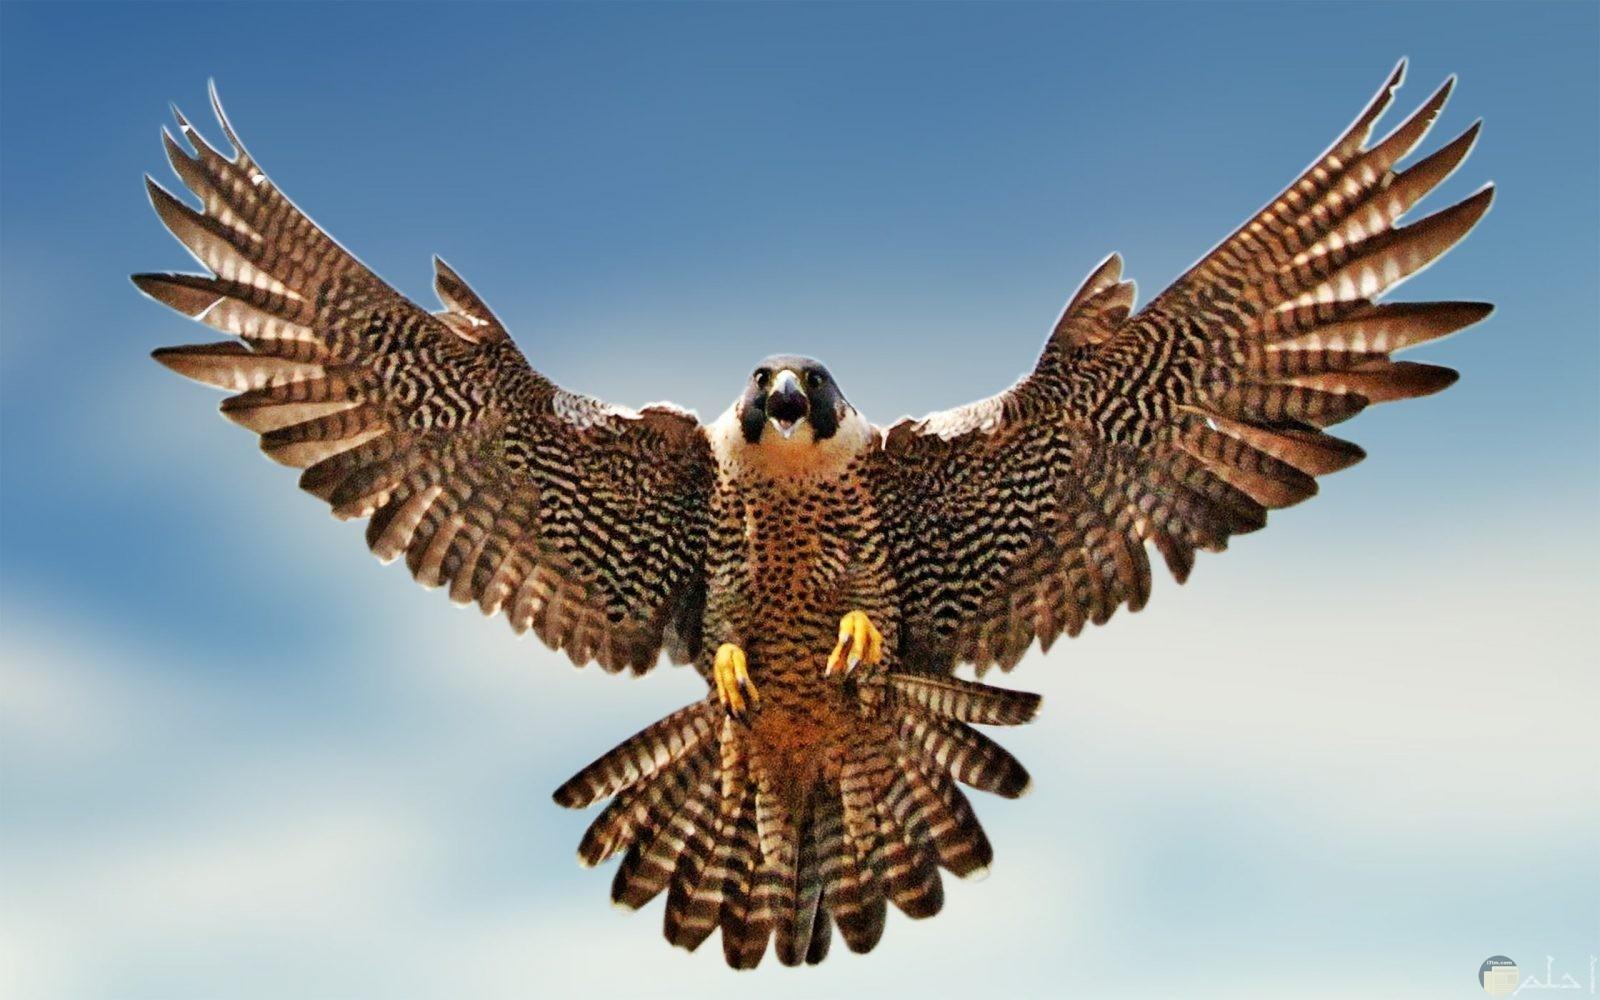 صقر شاهين يطير في الهواء و يفتح جناحيه.